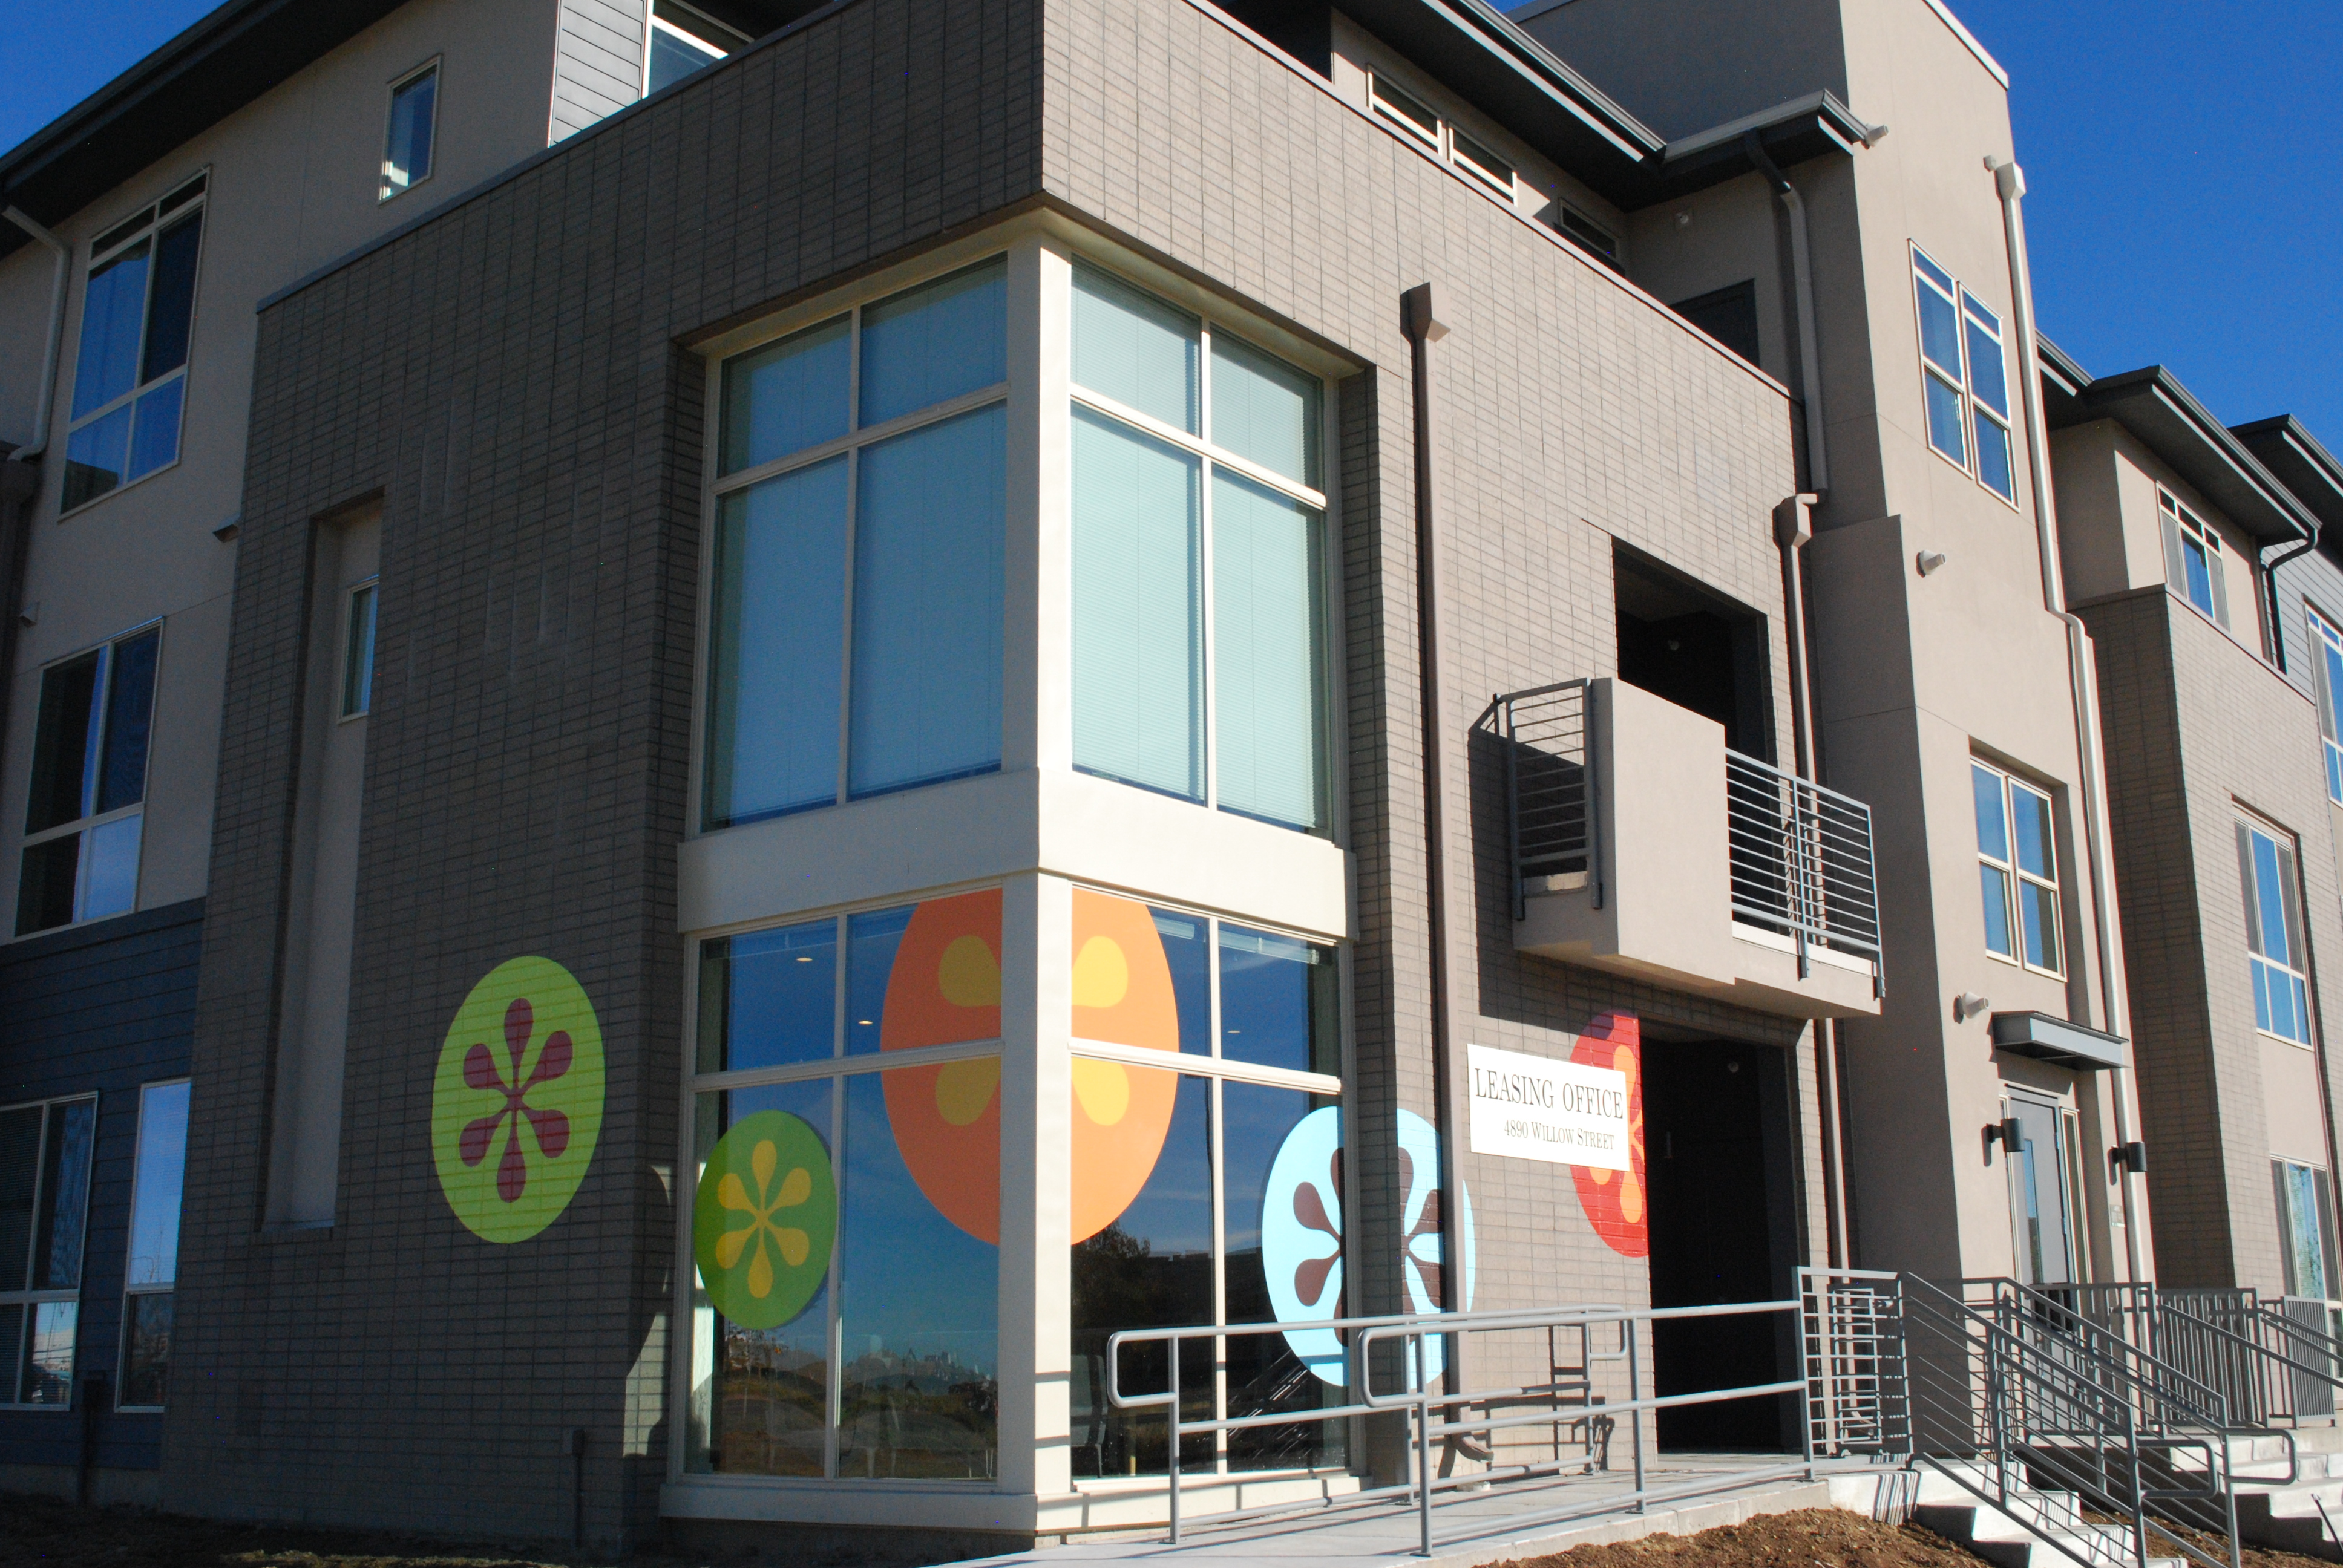 Aster Leasing Office Denver